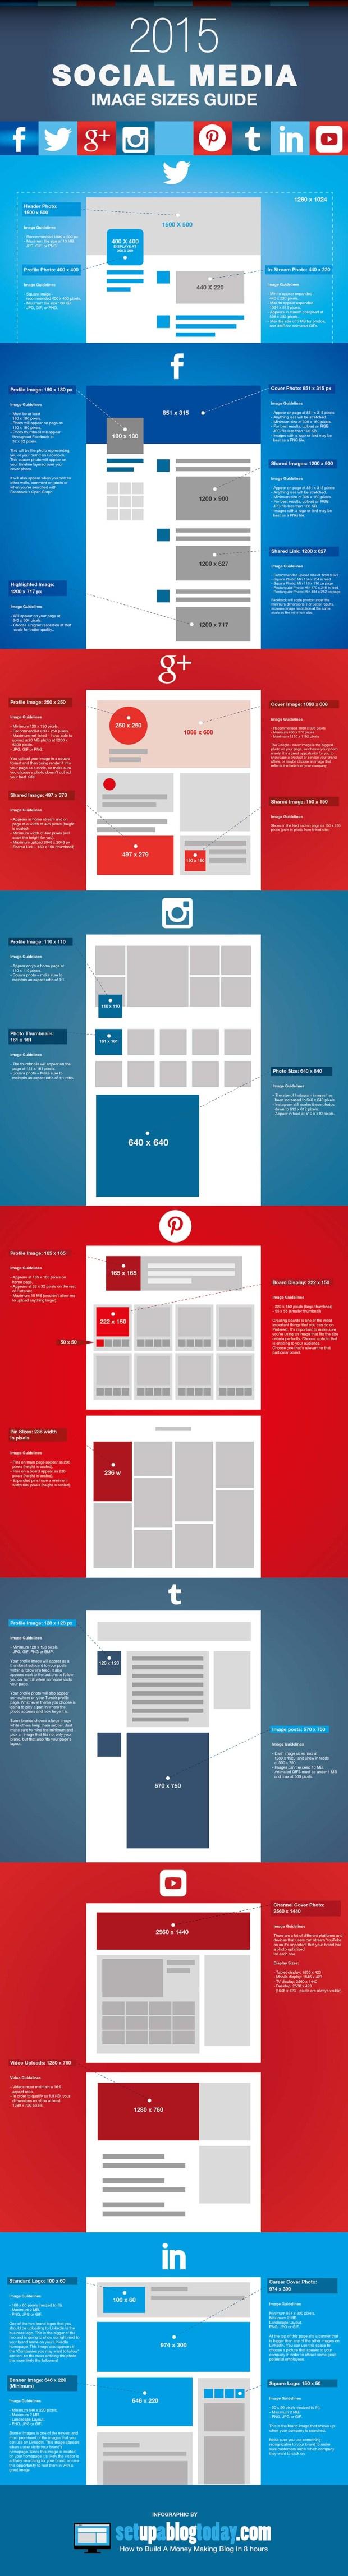 tamaño de las imagenes de las redes sociales 2015